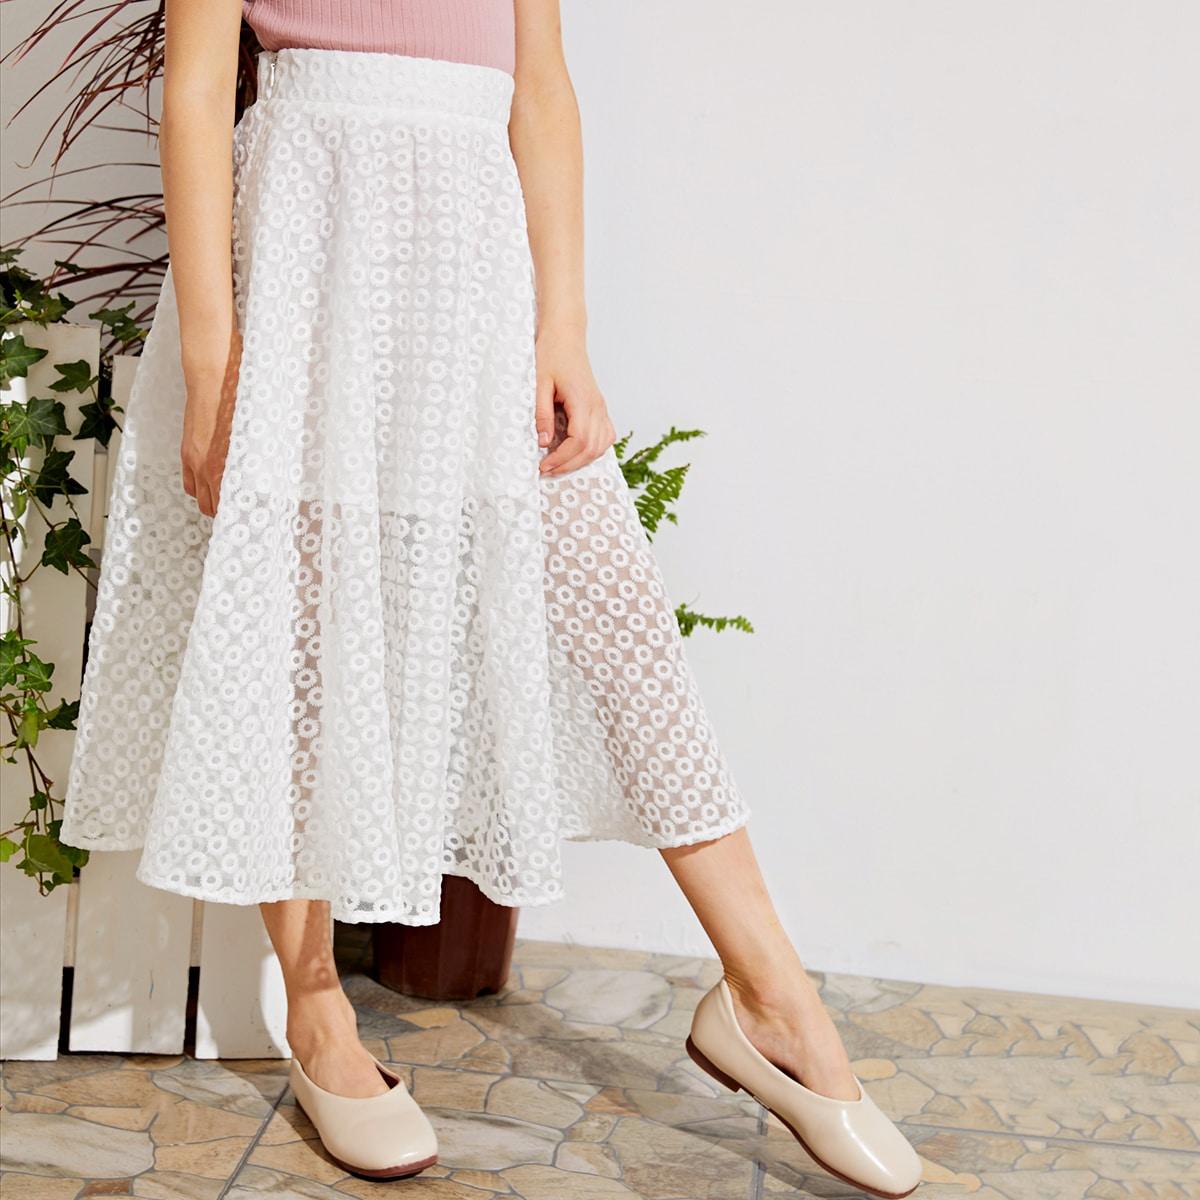 Сетчатая юбка с вышивкой для девочек фото